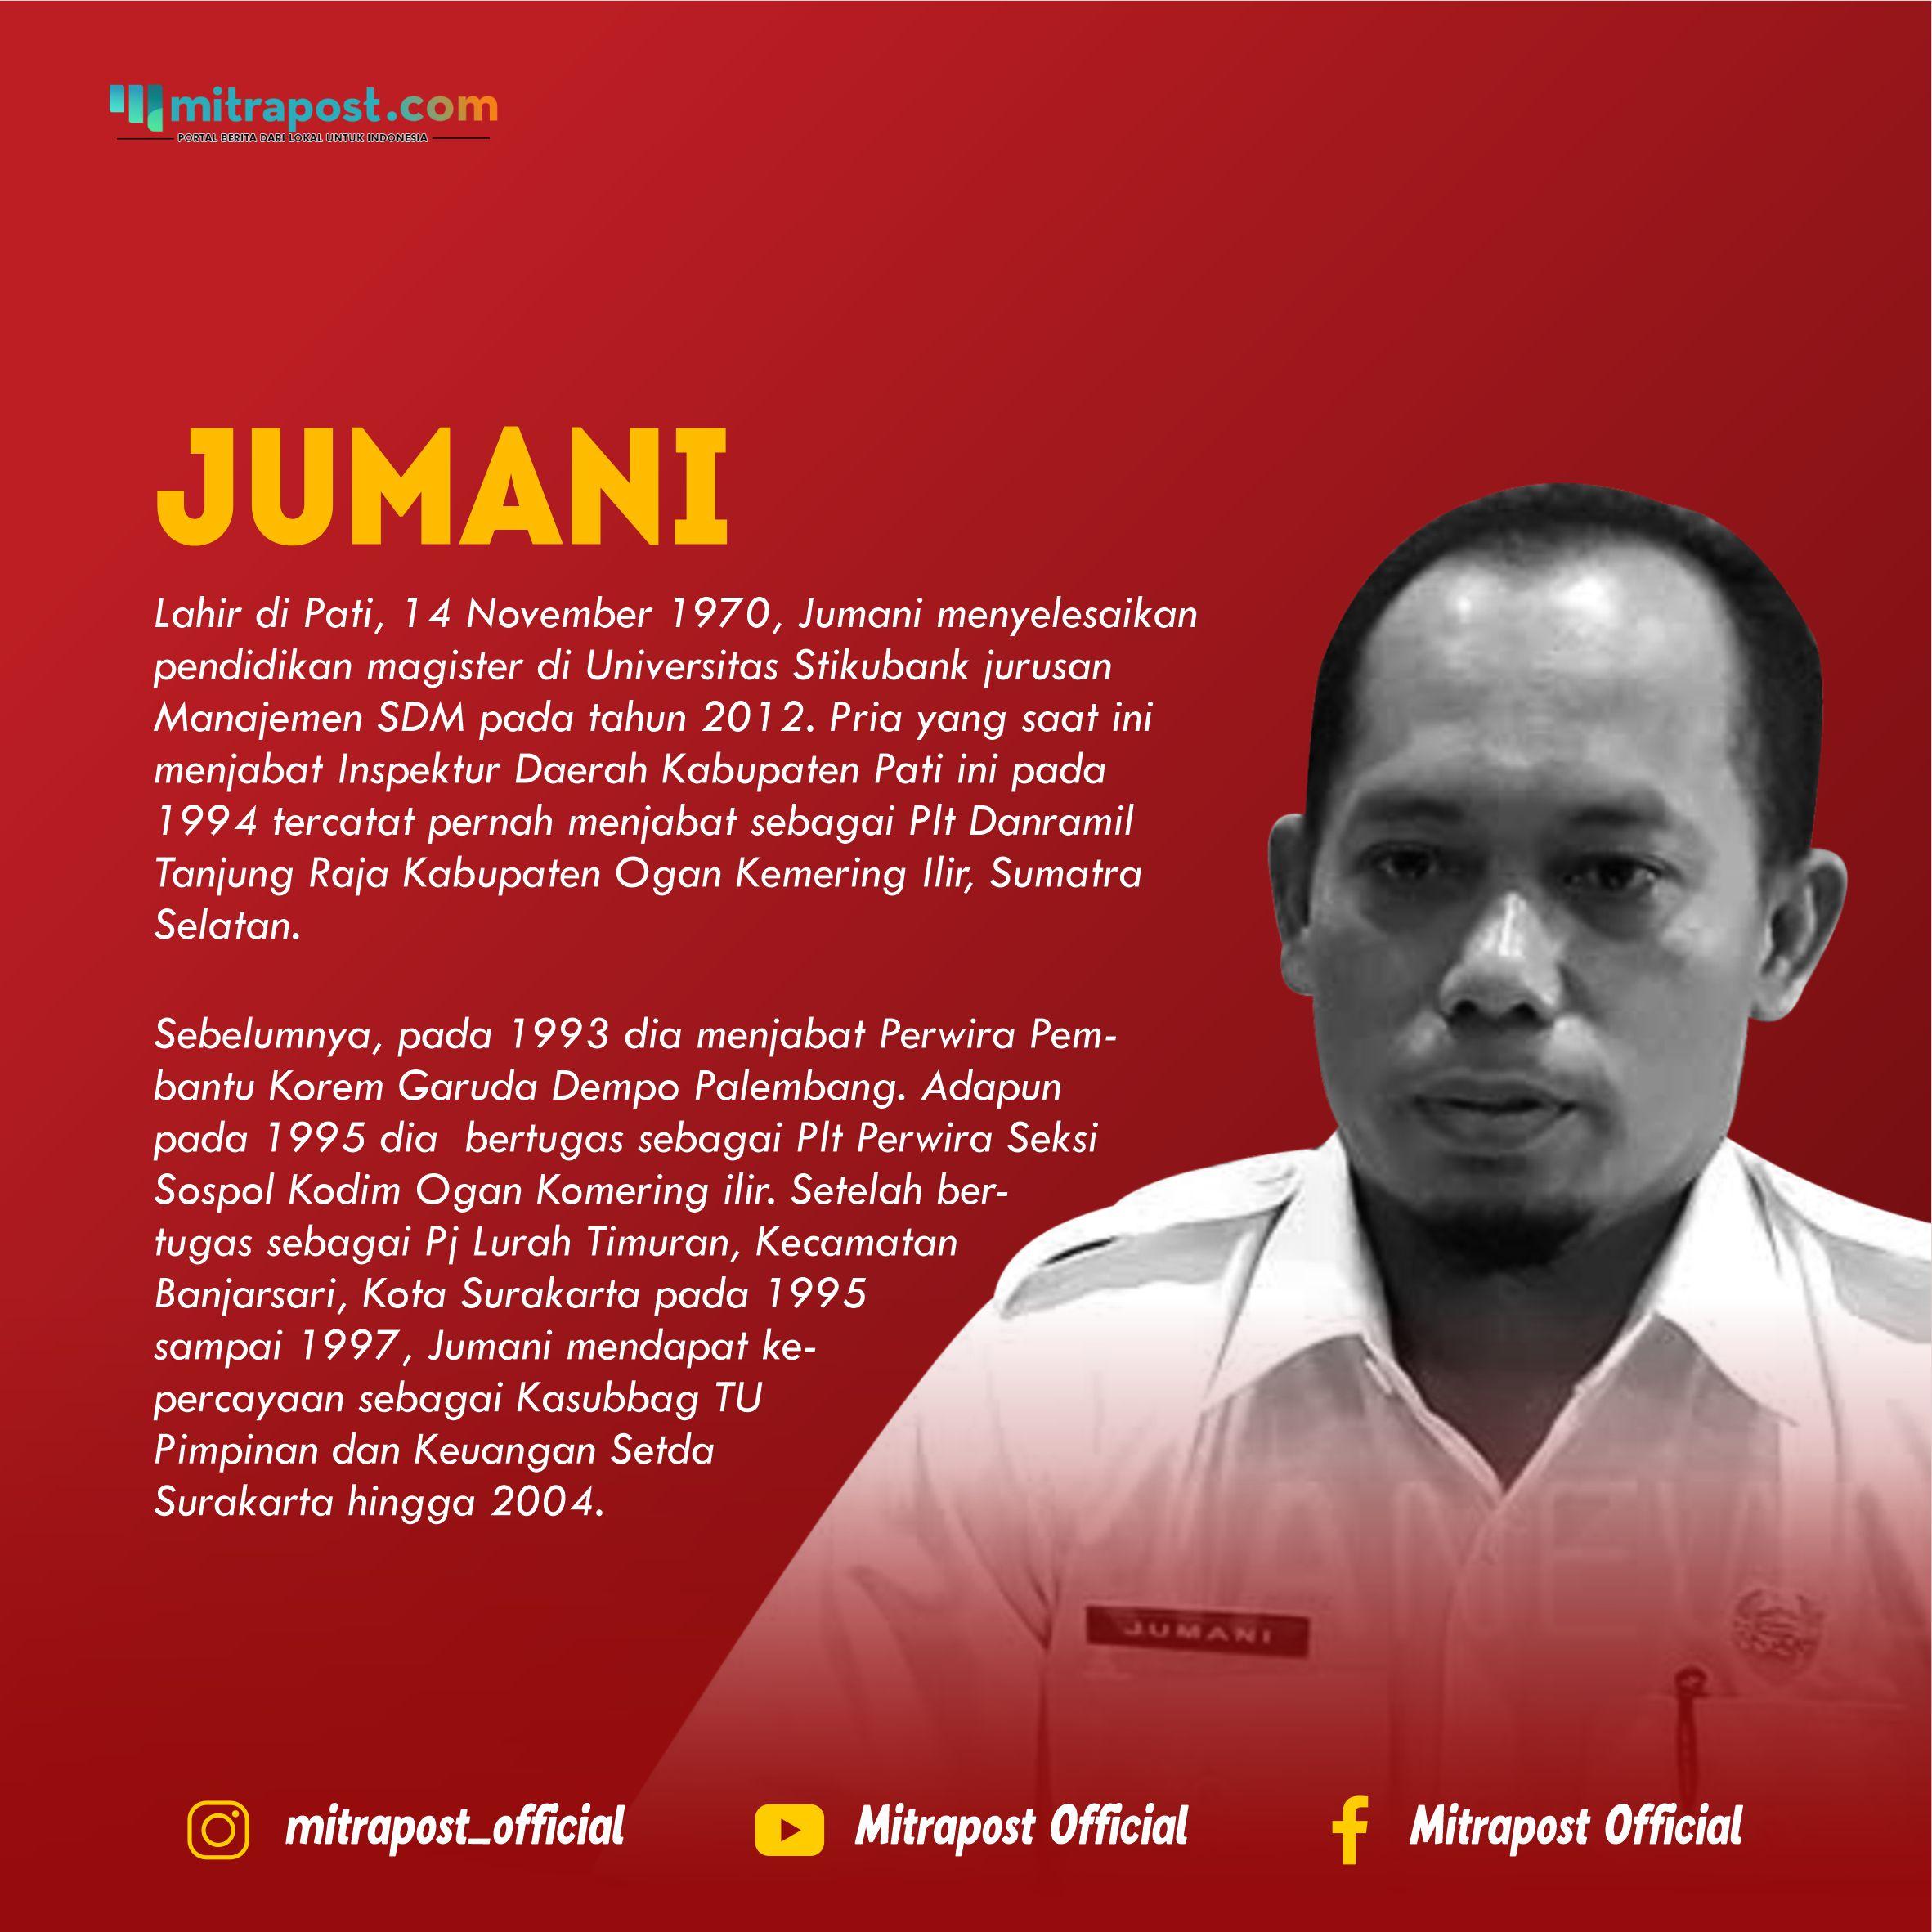 Jumani